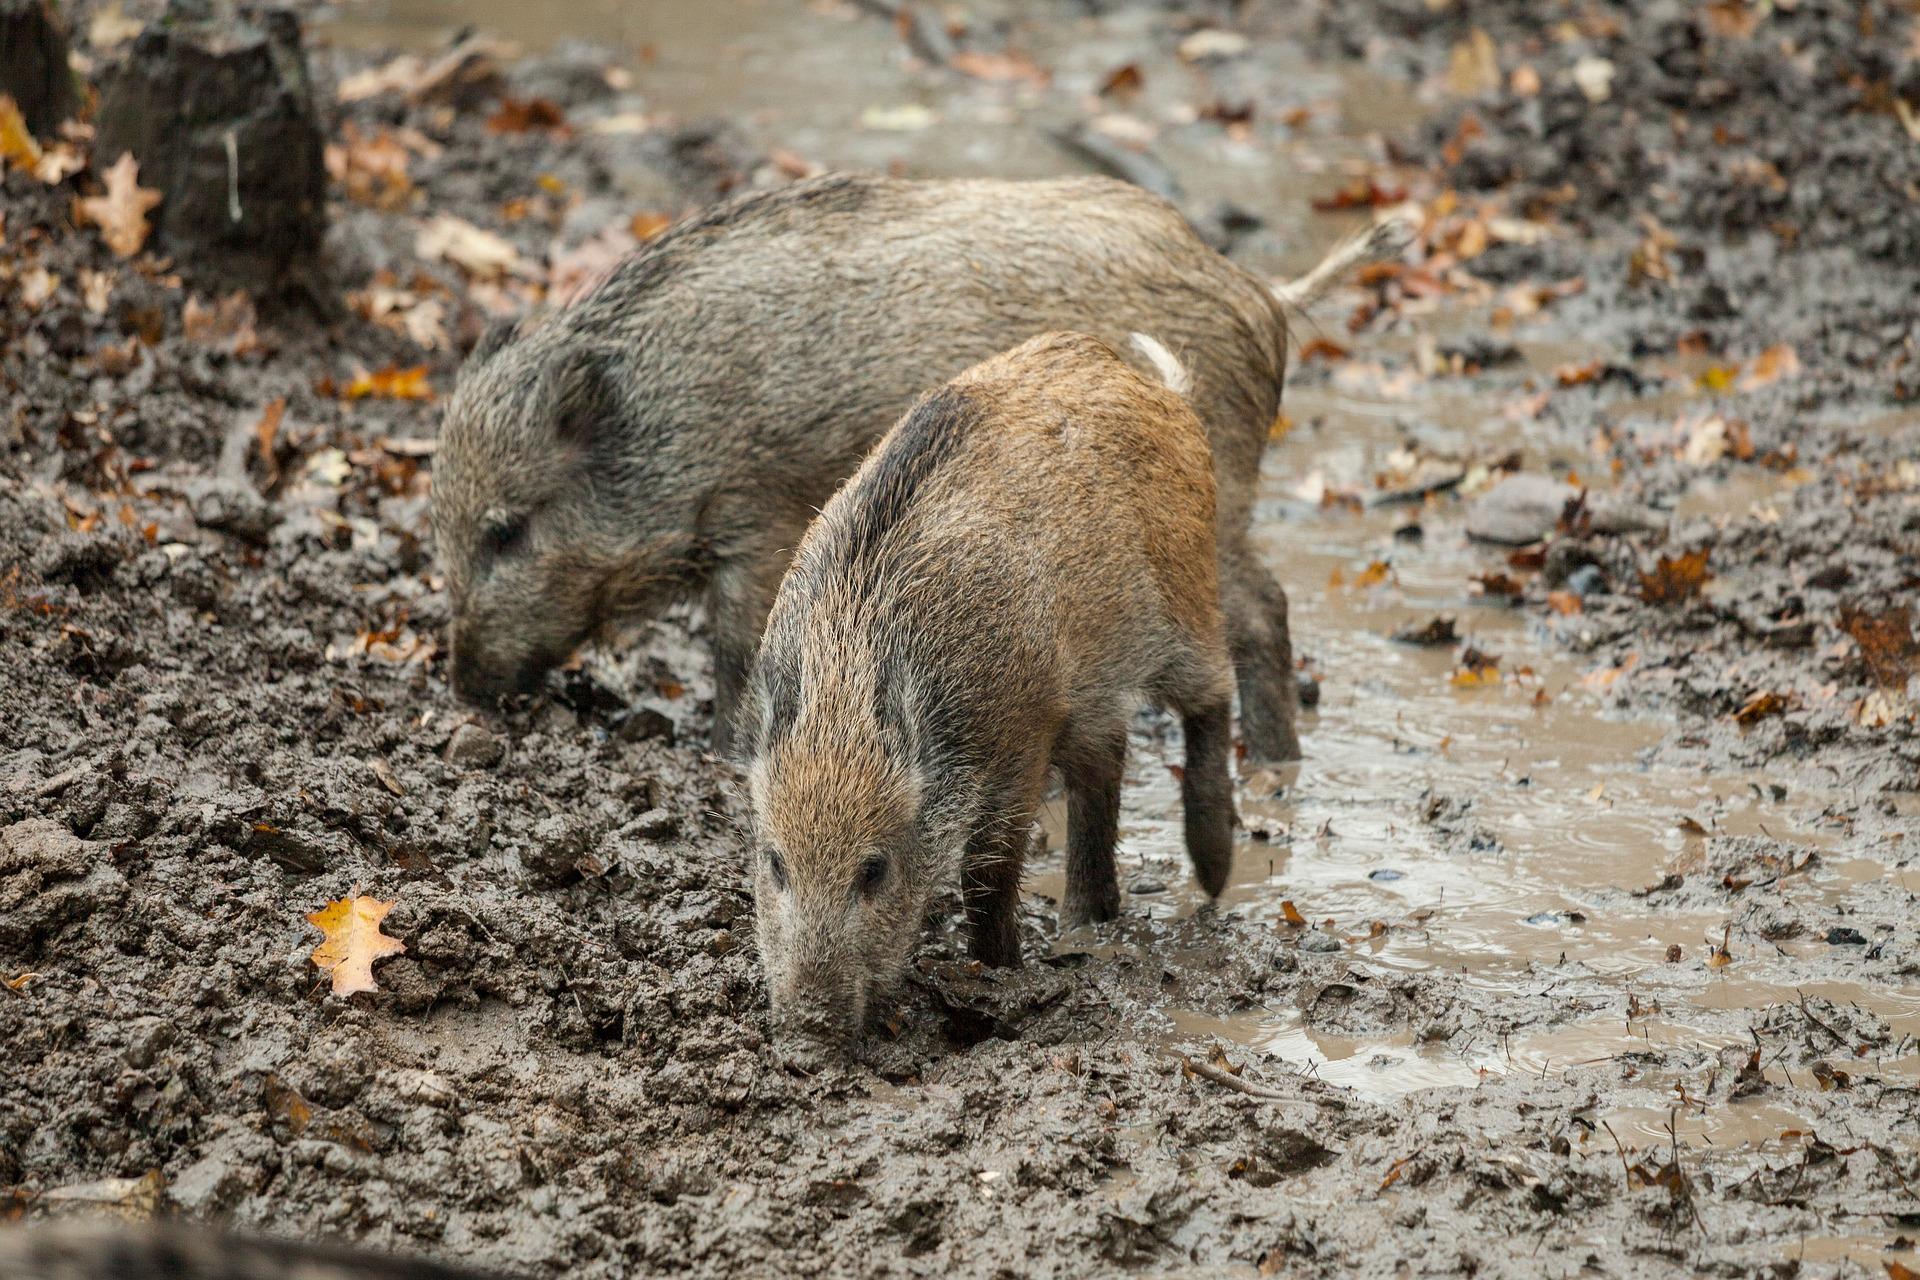 Im September junges Schalenwild schießen? Viele Jäger verschieben das auf den Winter. Warum das nicht sinnvoll ist, erläutert Professor Dr. Stubbe.